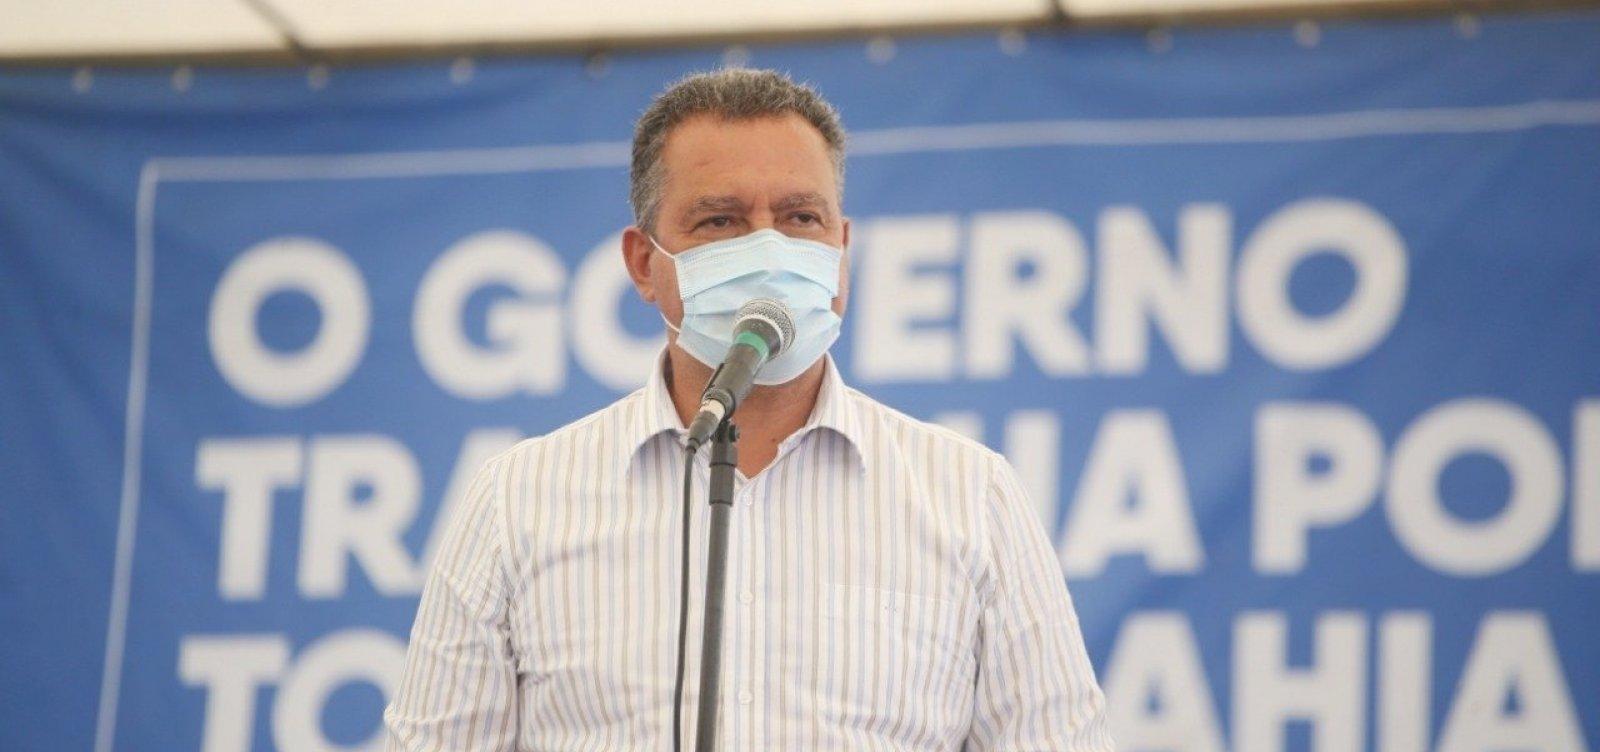 [Governador reforça que quem não usar máscara pode ser conduzido à delegacia]